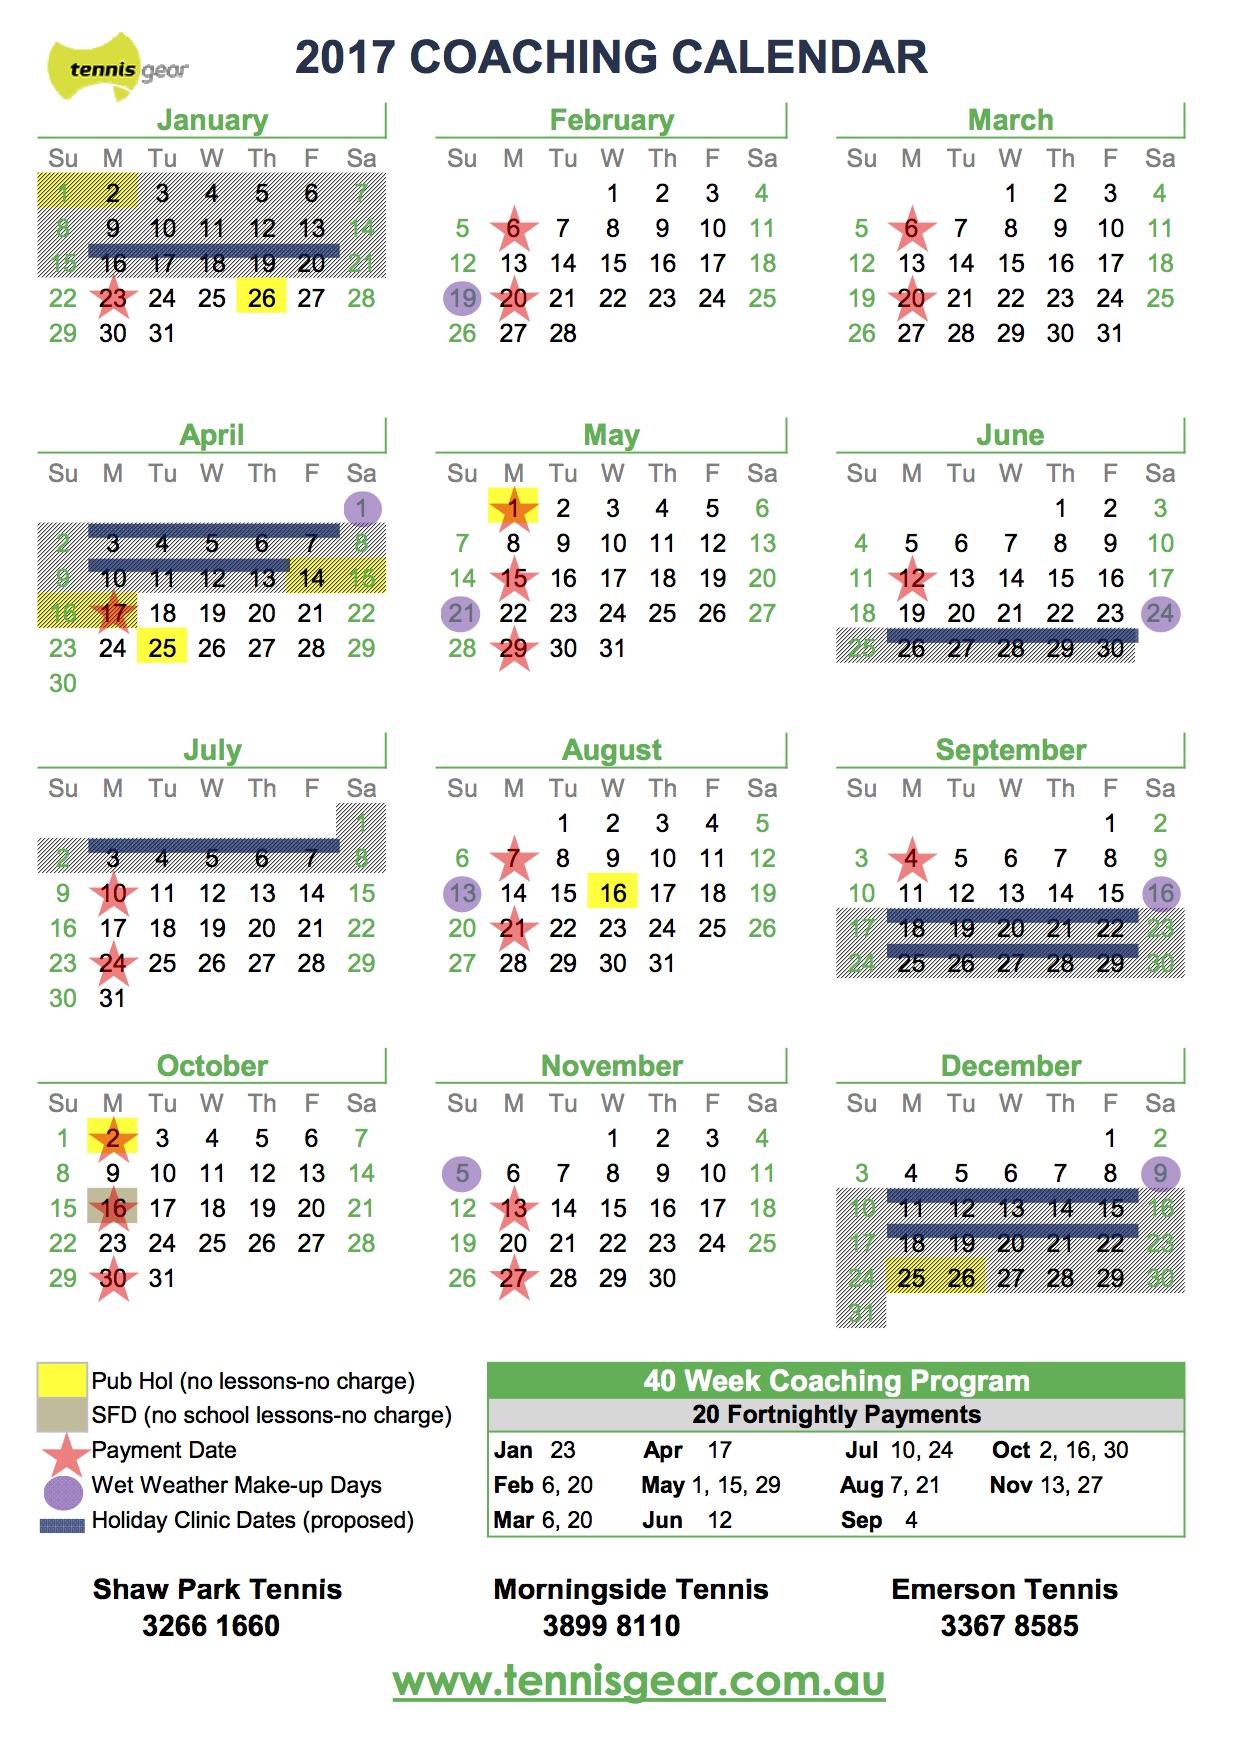 2017 Coaching Calendar